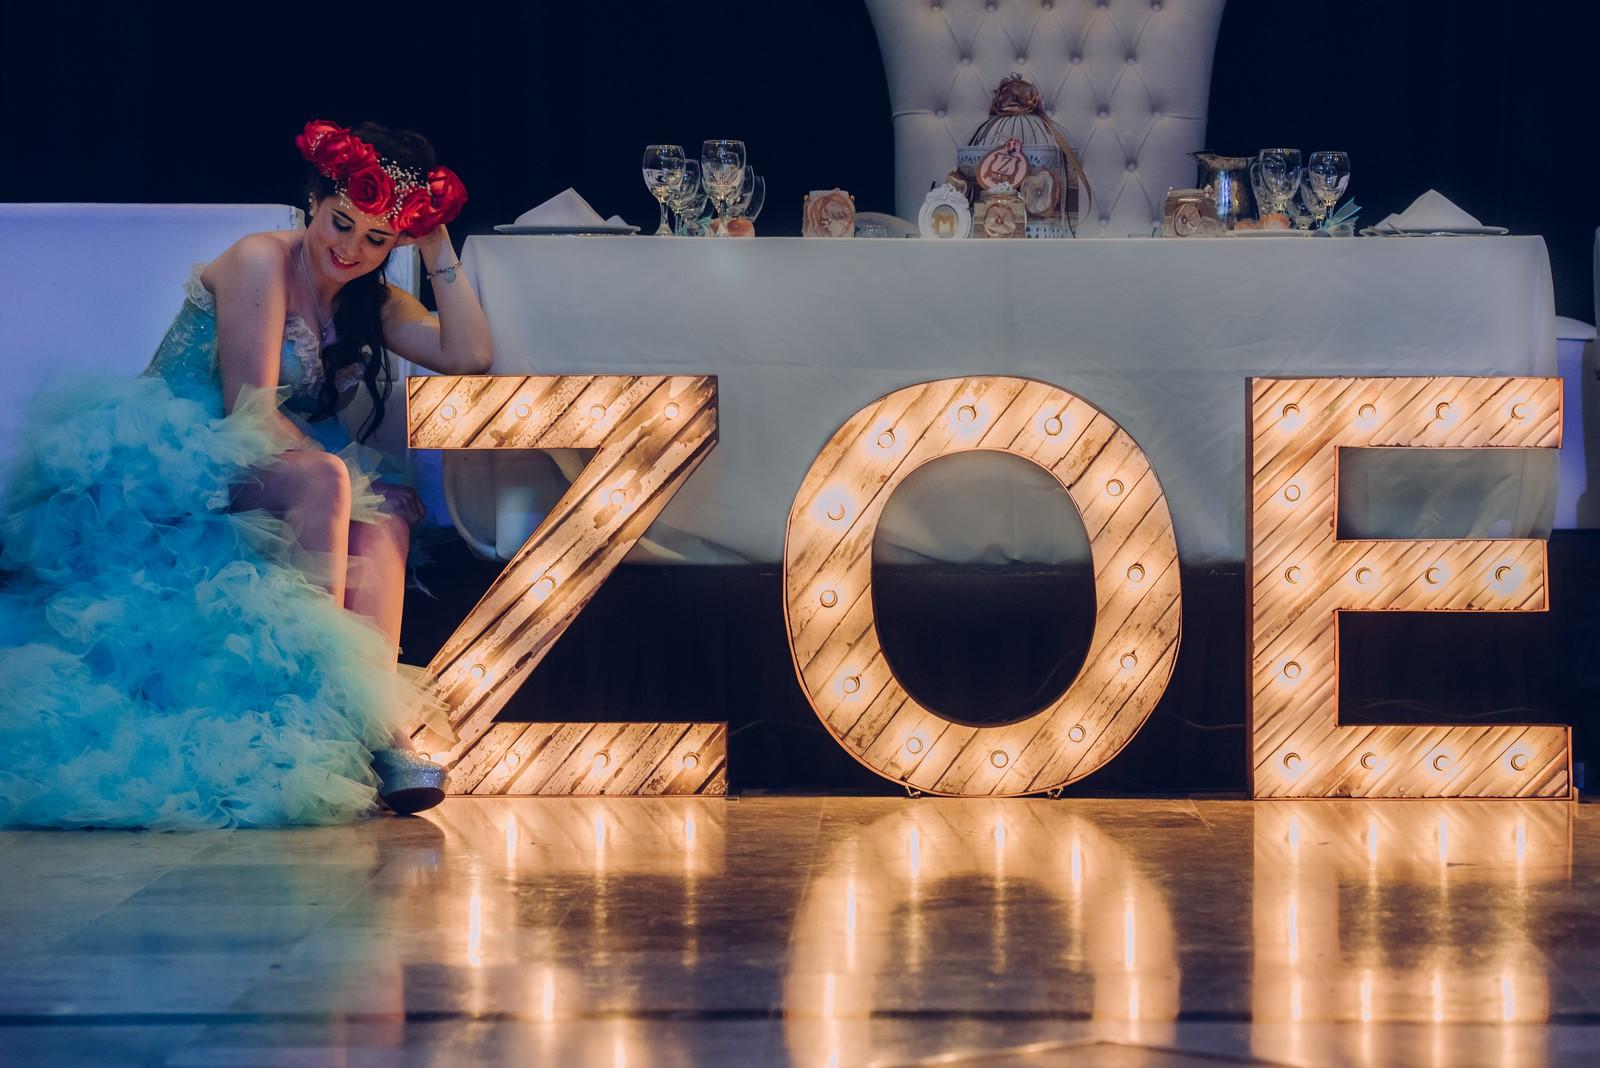 15 Zoe S - 00095 (bj)